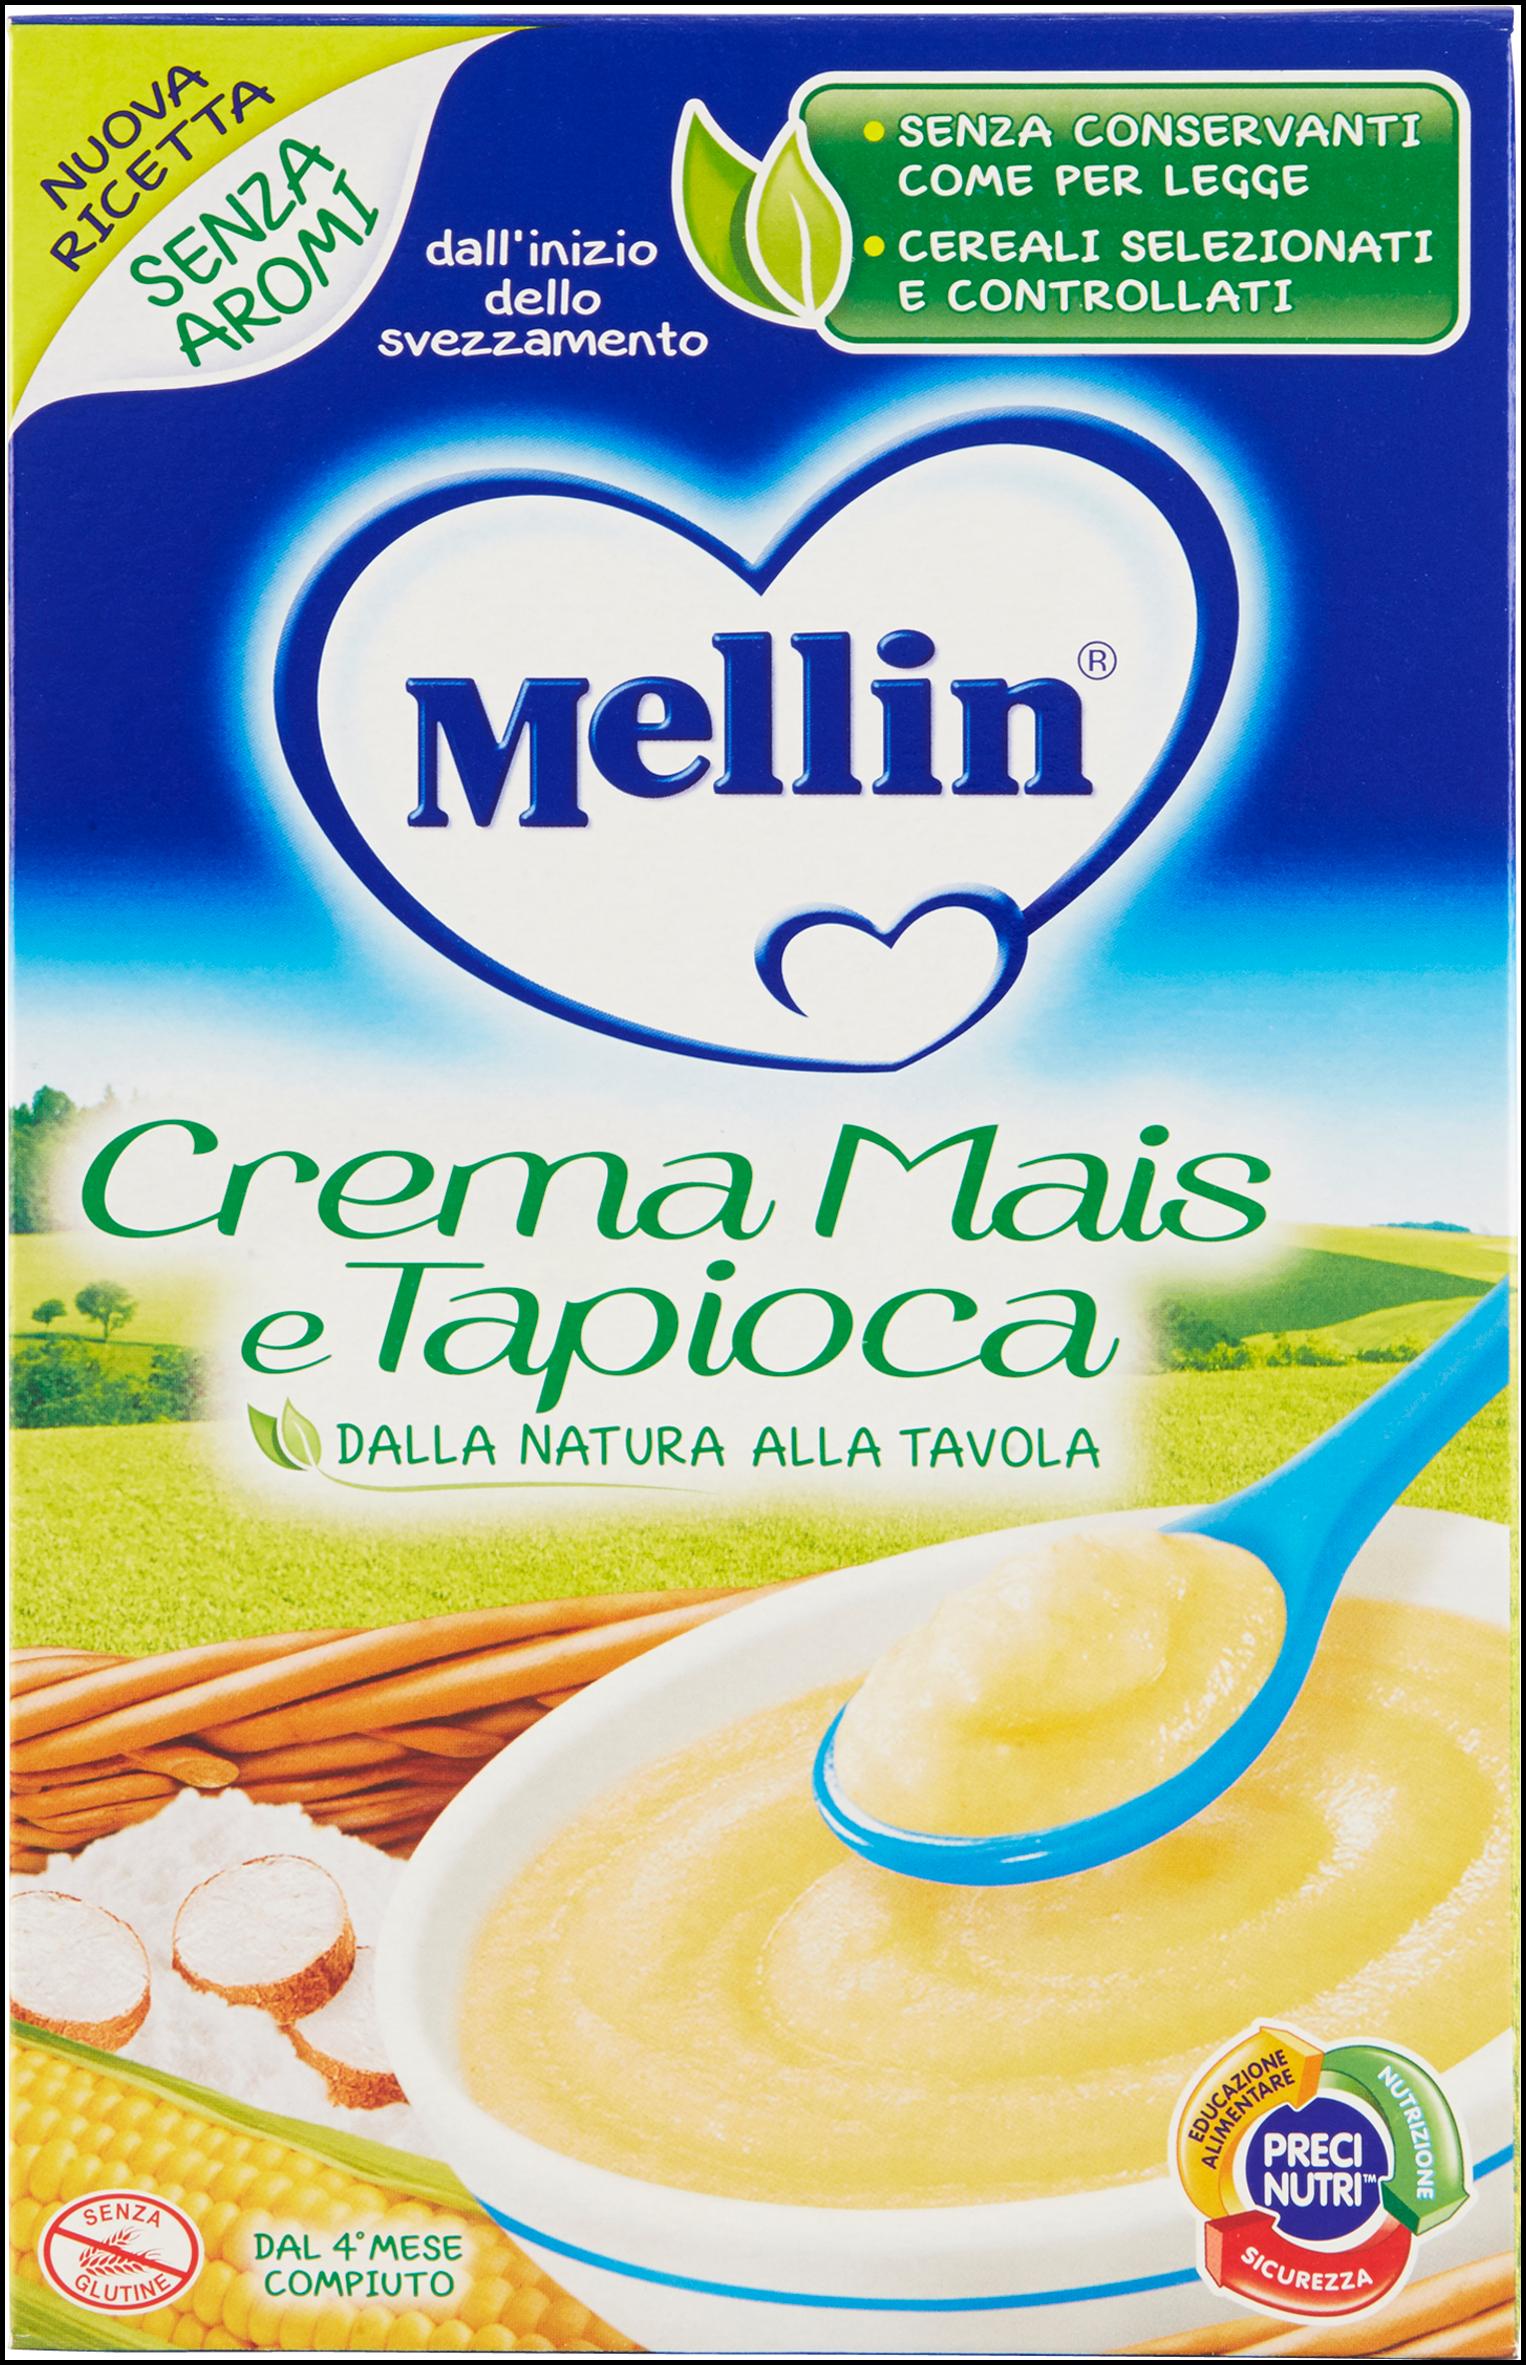 CREMA DI MAIS TAPIOCA MELLIN 200g